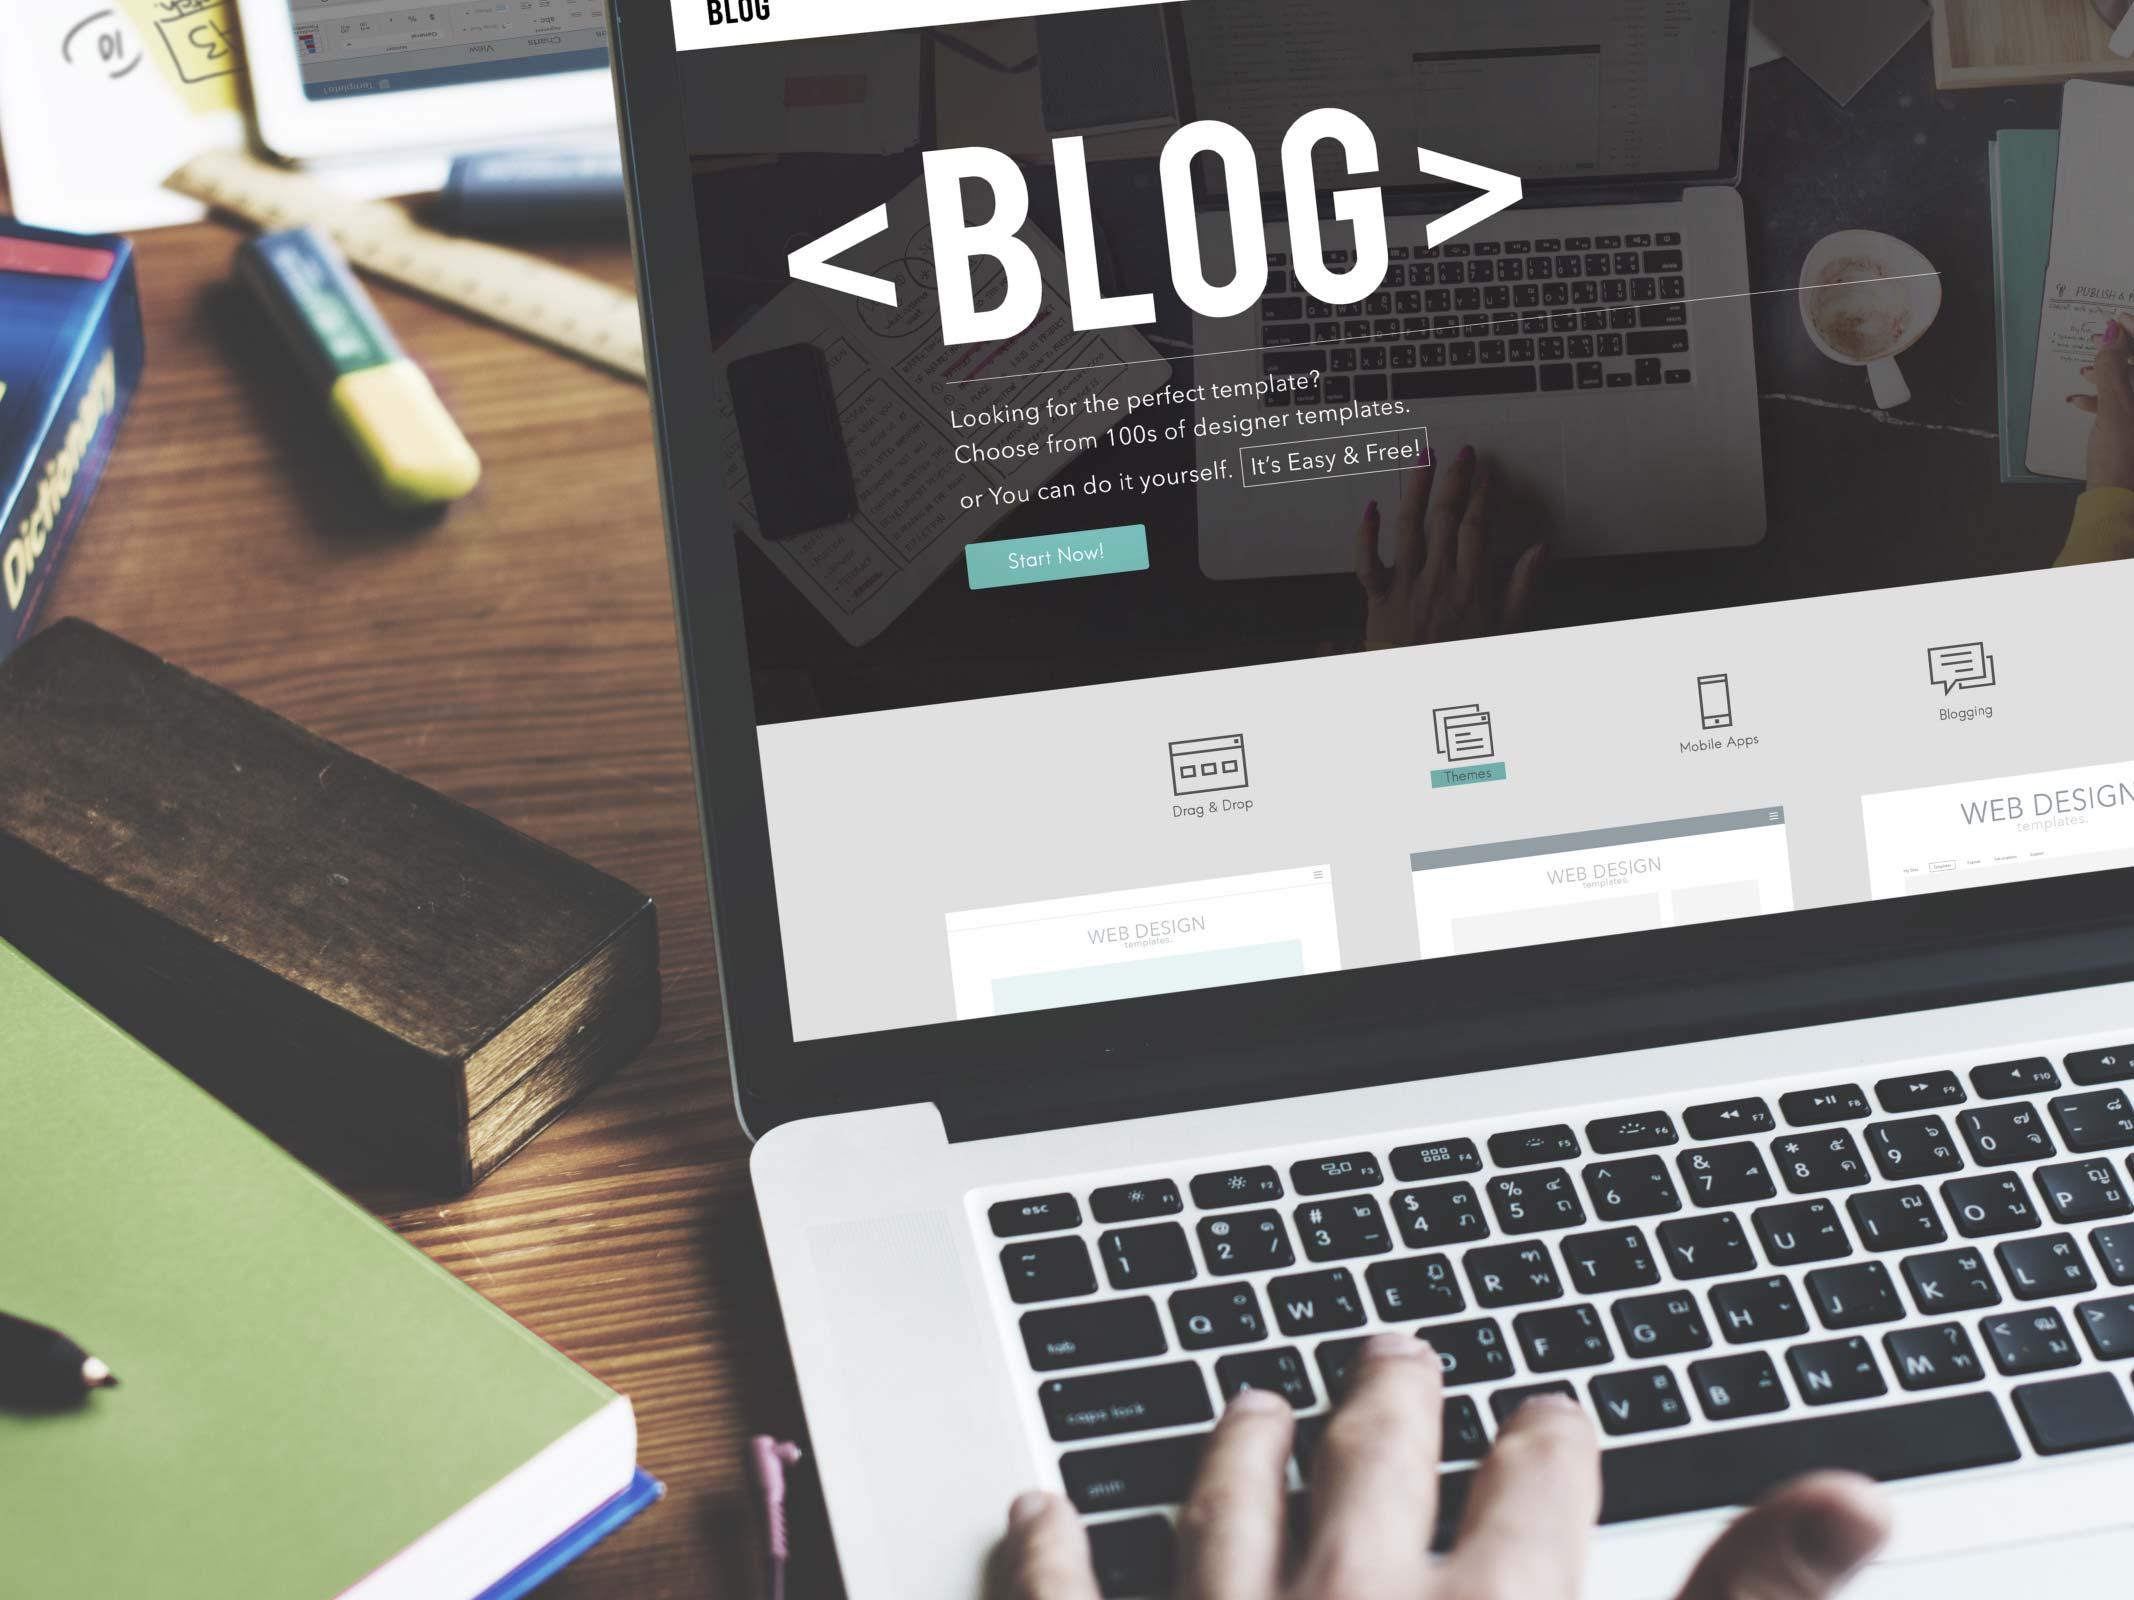 ordinateur portable ouvert avec page de blog affichée